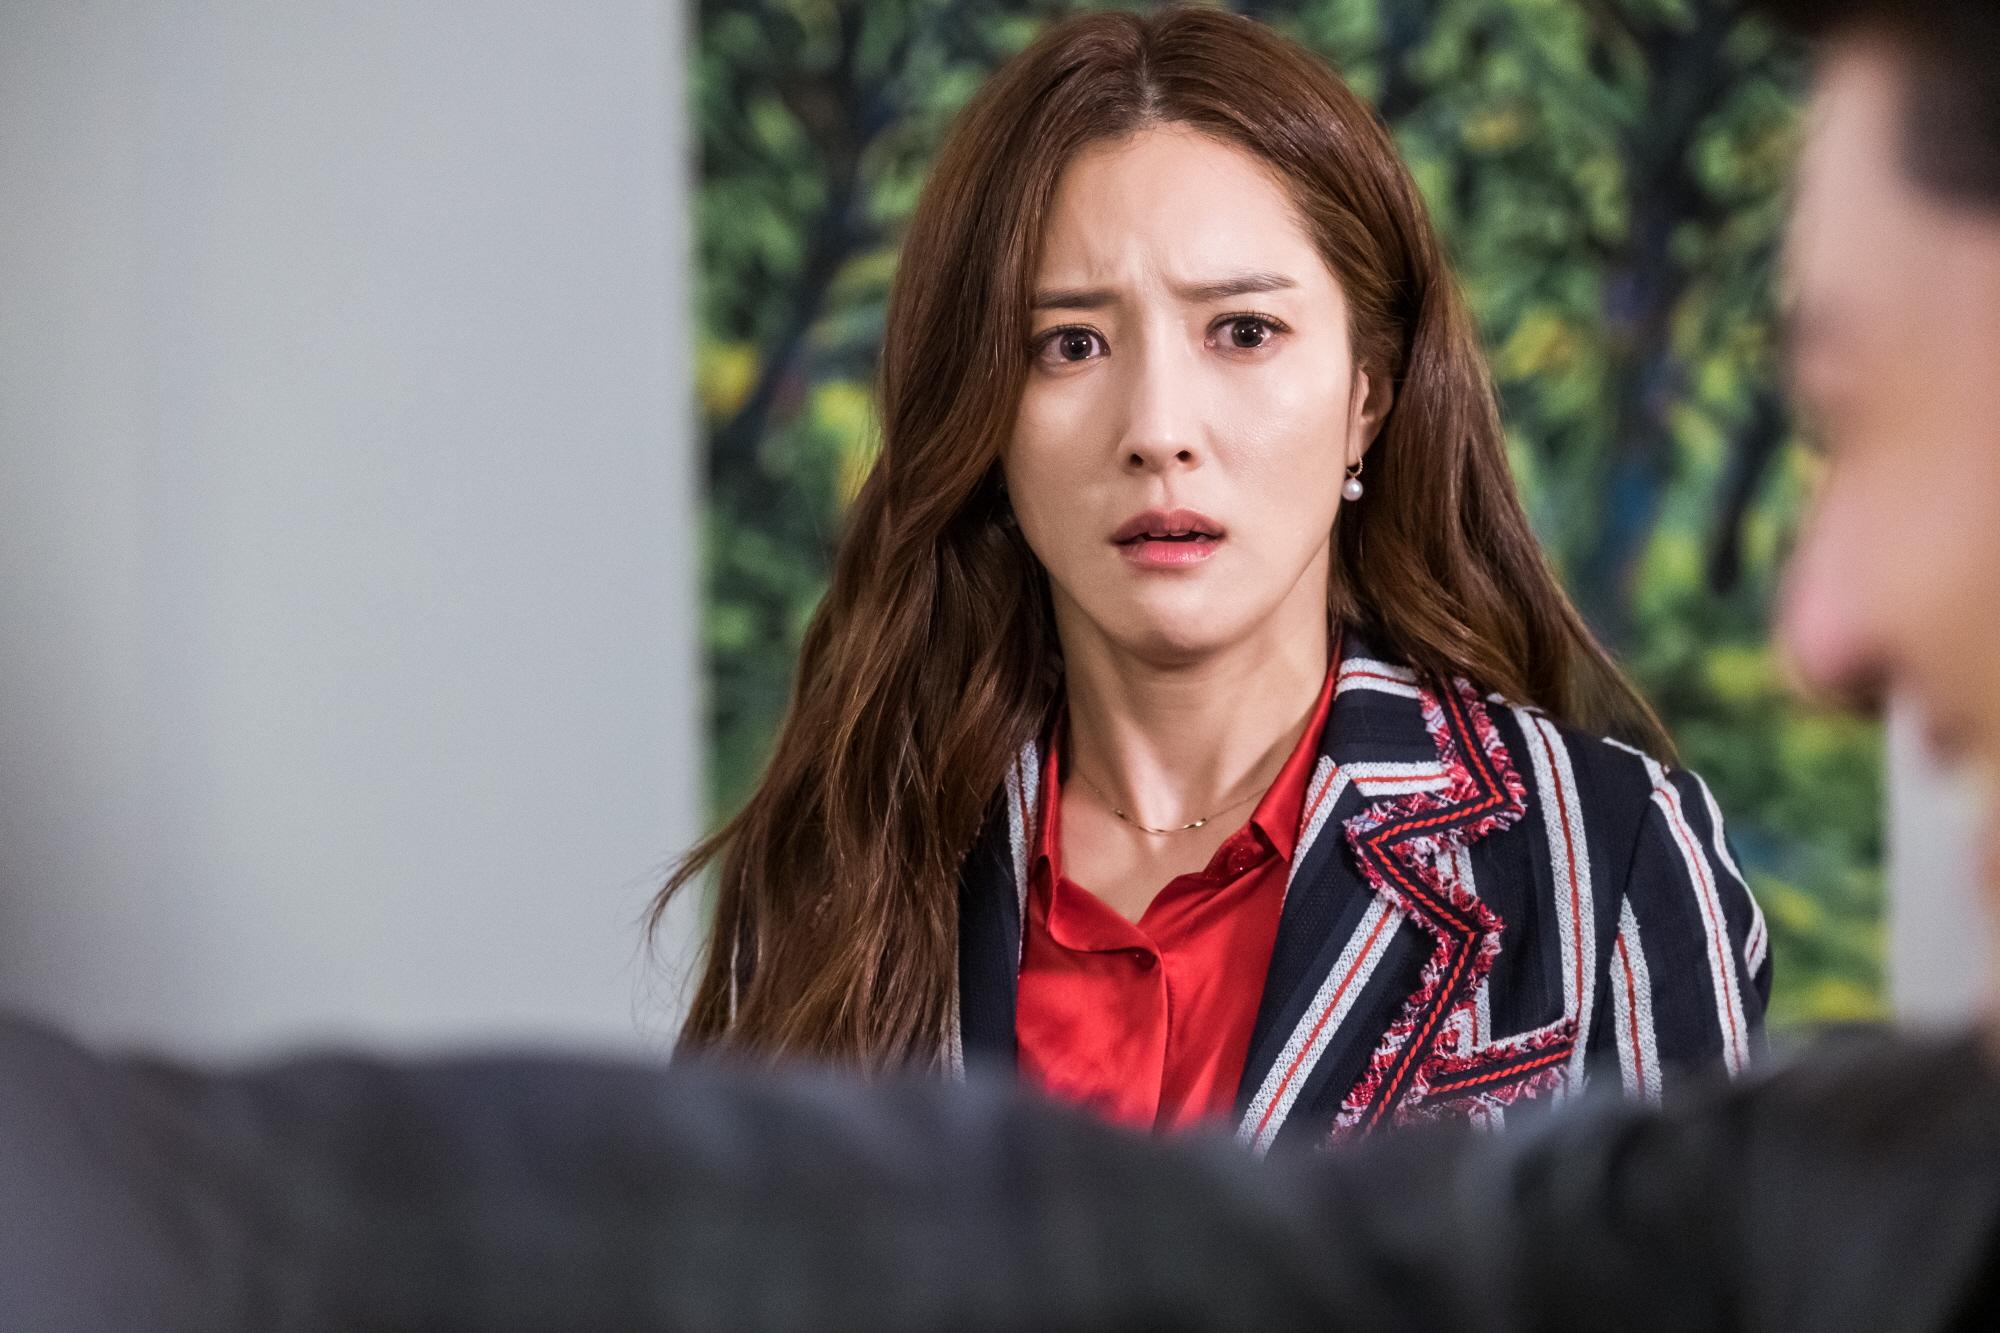 '슬플 때 사랑한다' 류수영, 박한별에 총구 겨누나? '극도의 긴장감' 이미지-3